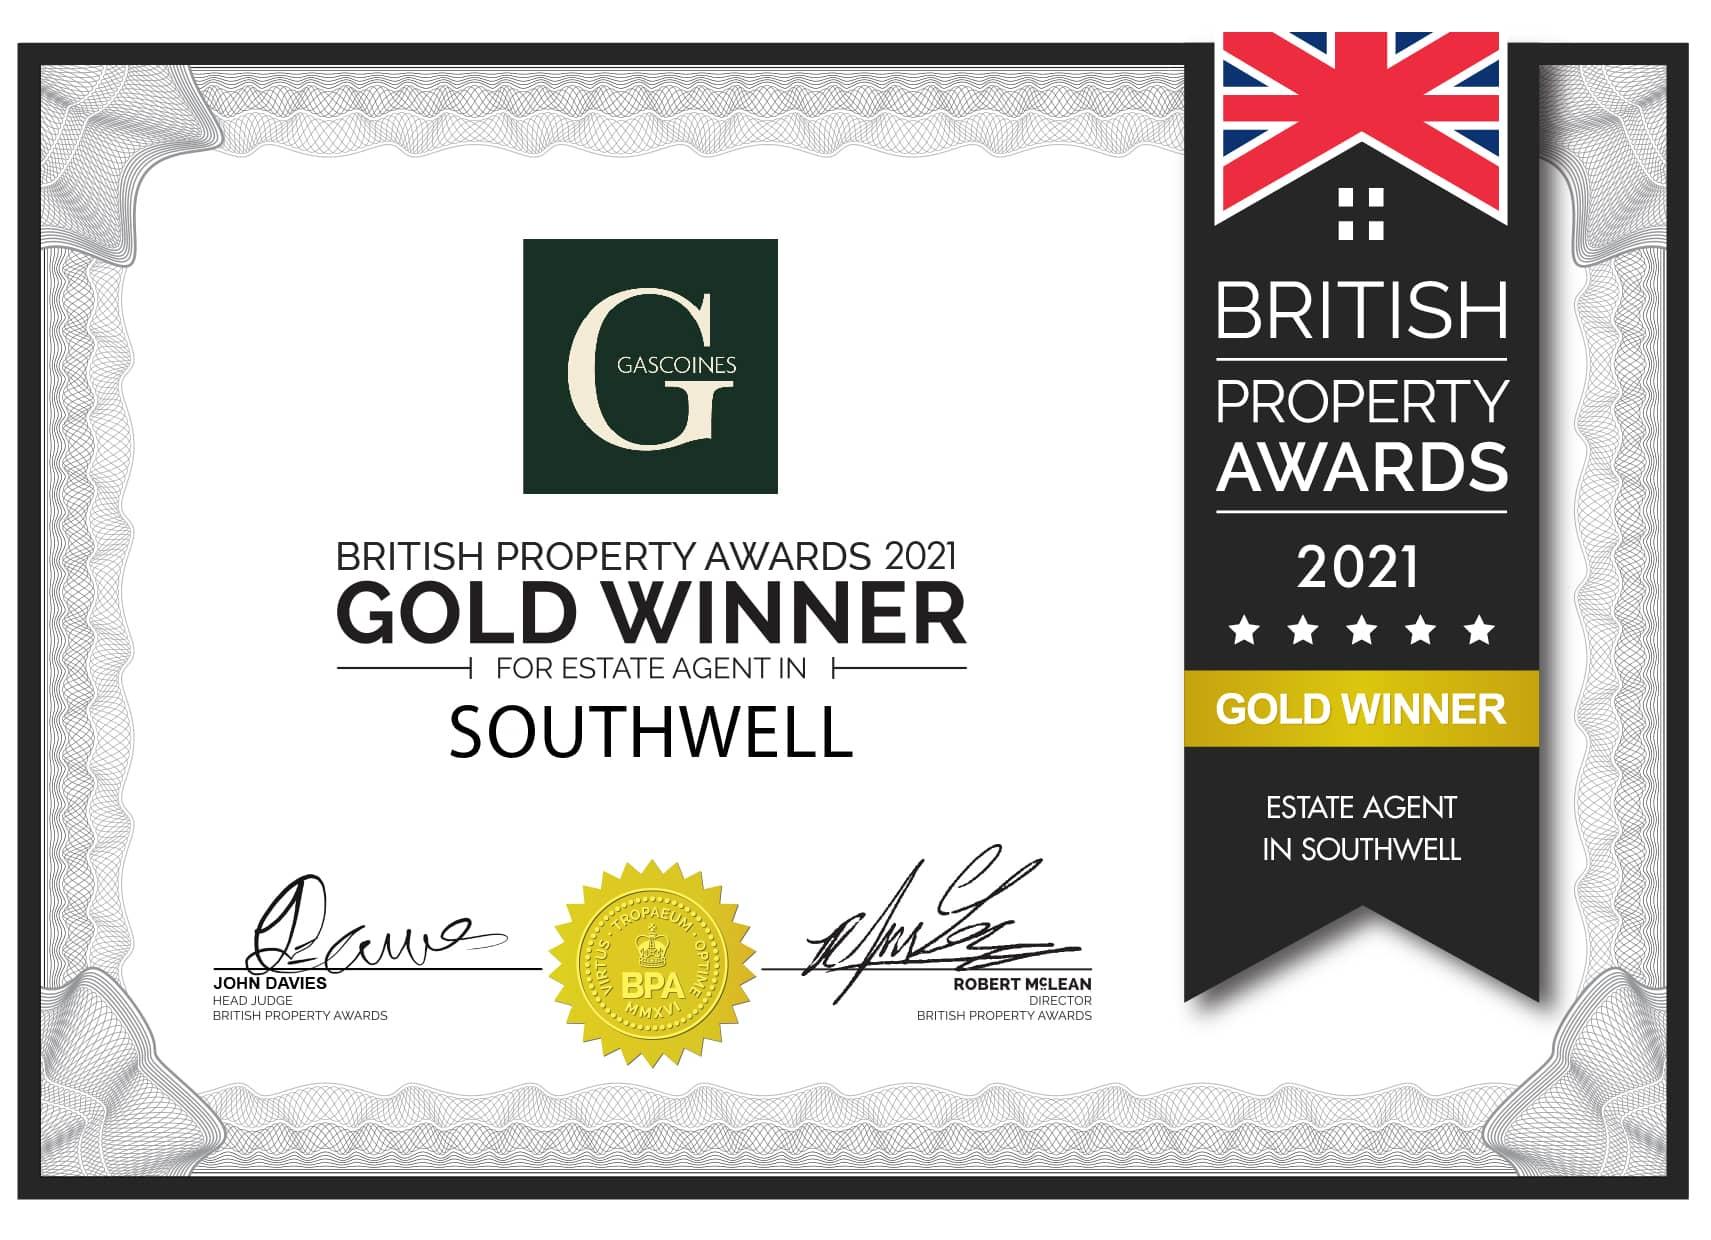 British Property Awards 2021